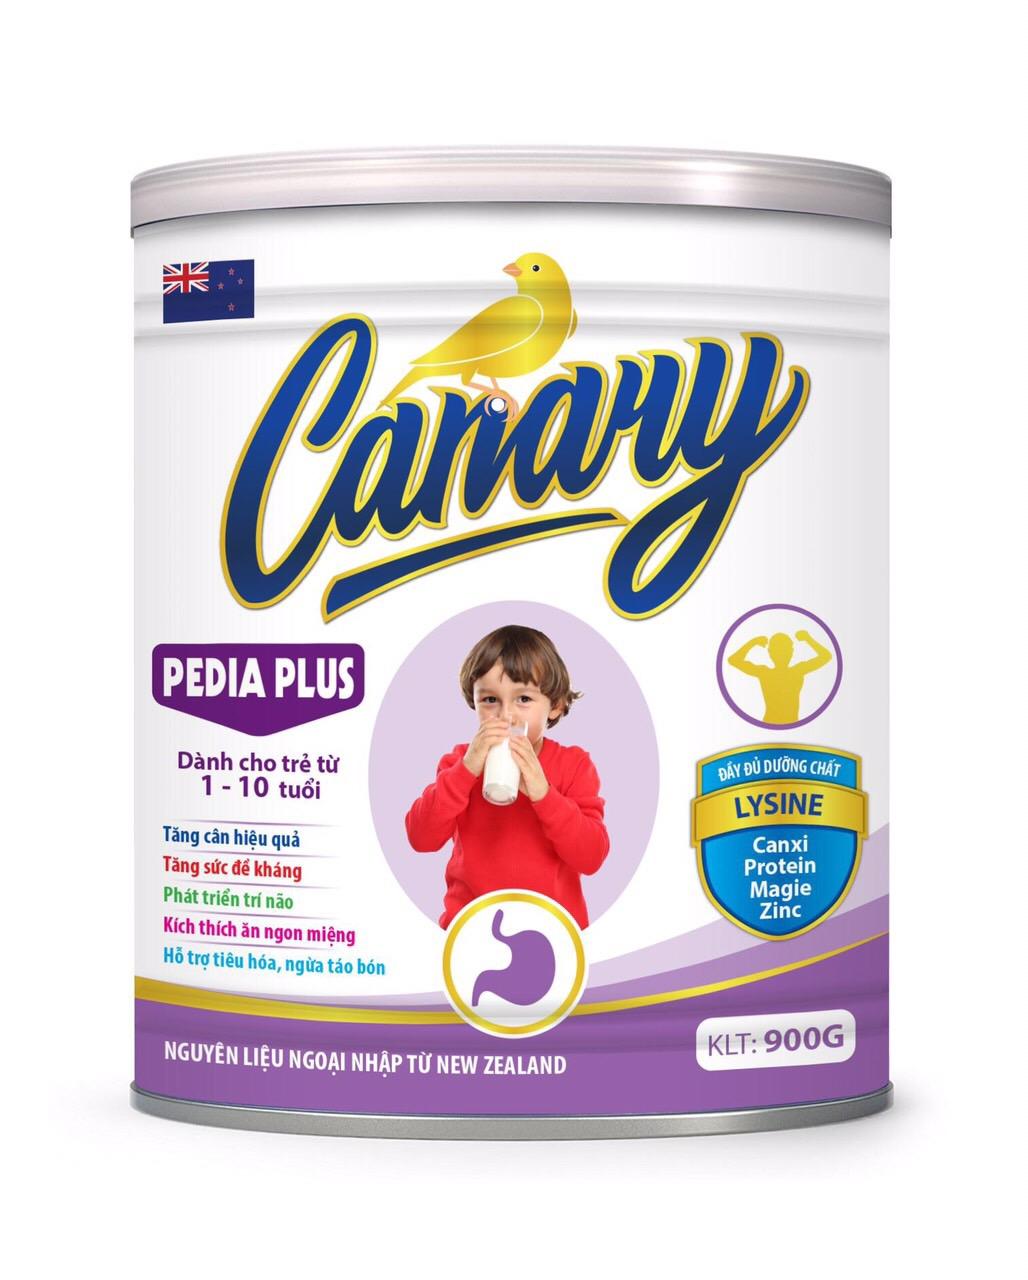 canary-pedia-plus